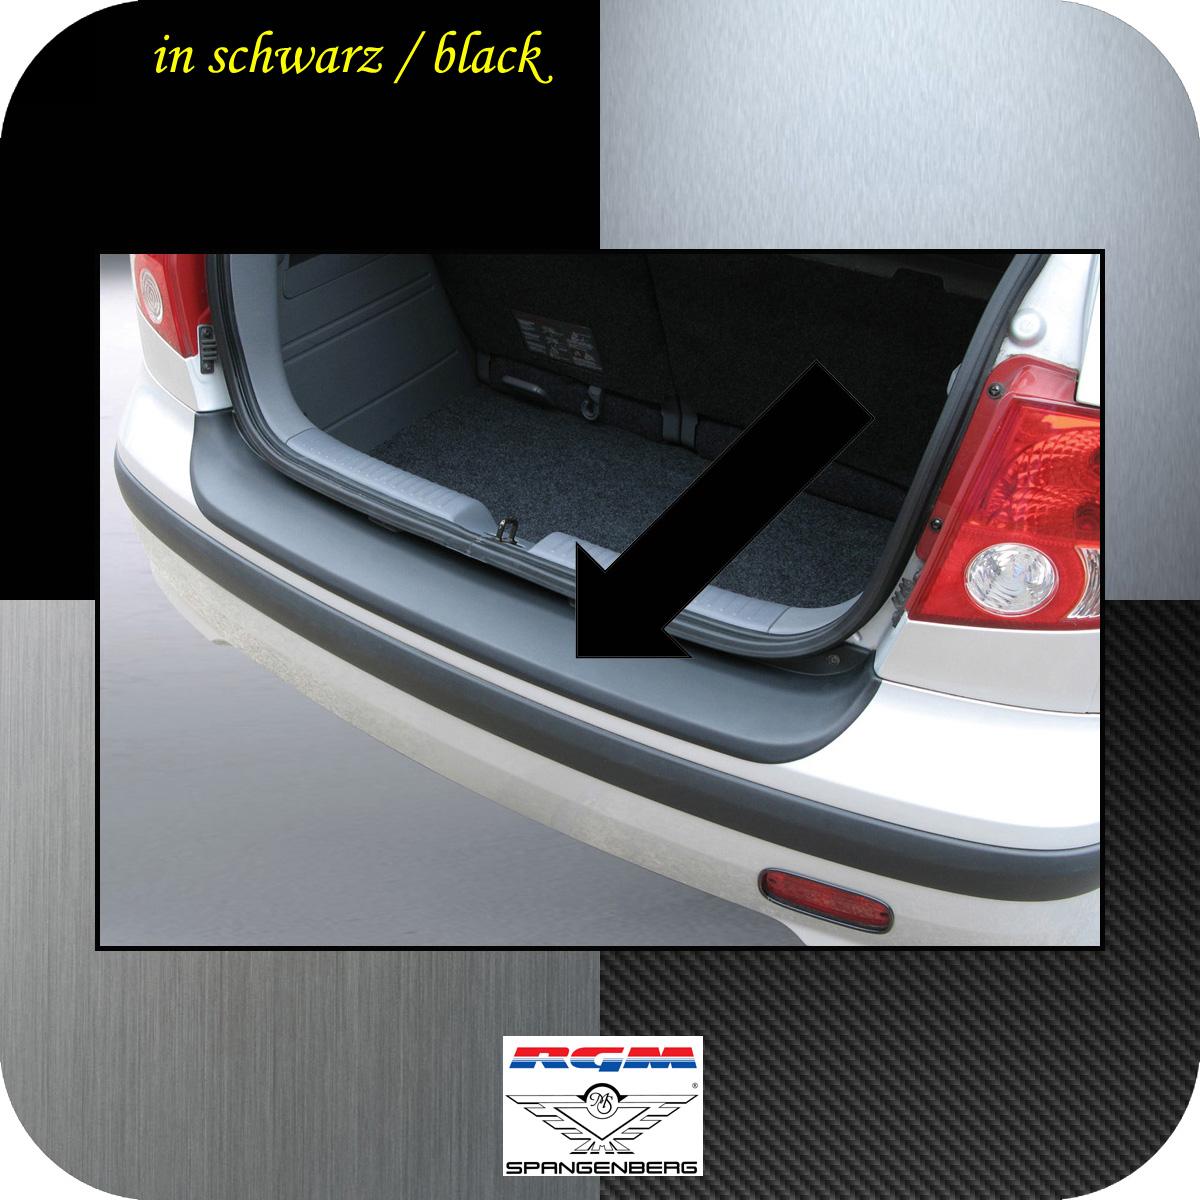 Ladekantenschutz schwarz Hyundai Getz Schrägheck vor Mopf 2002-05 3500211